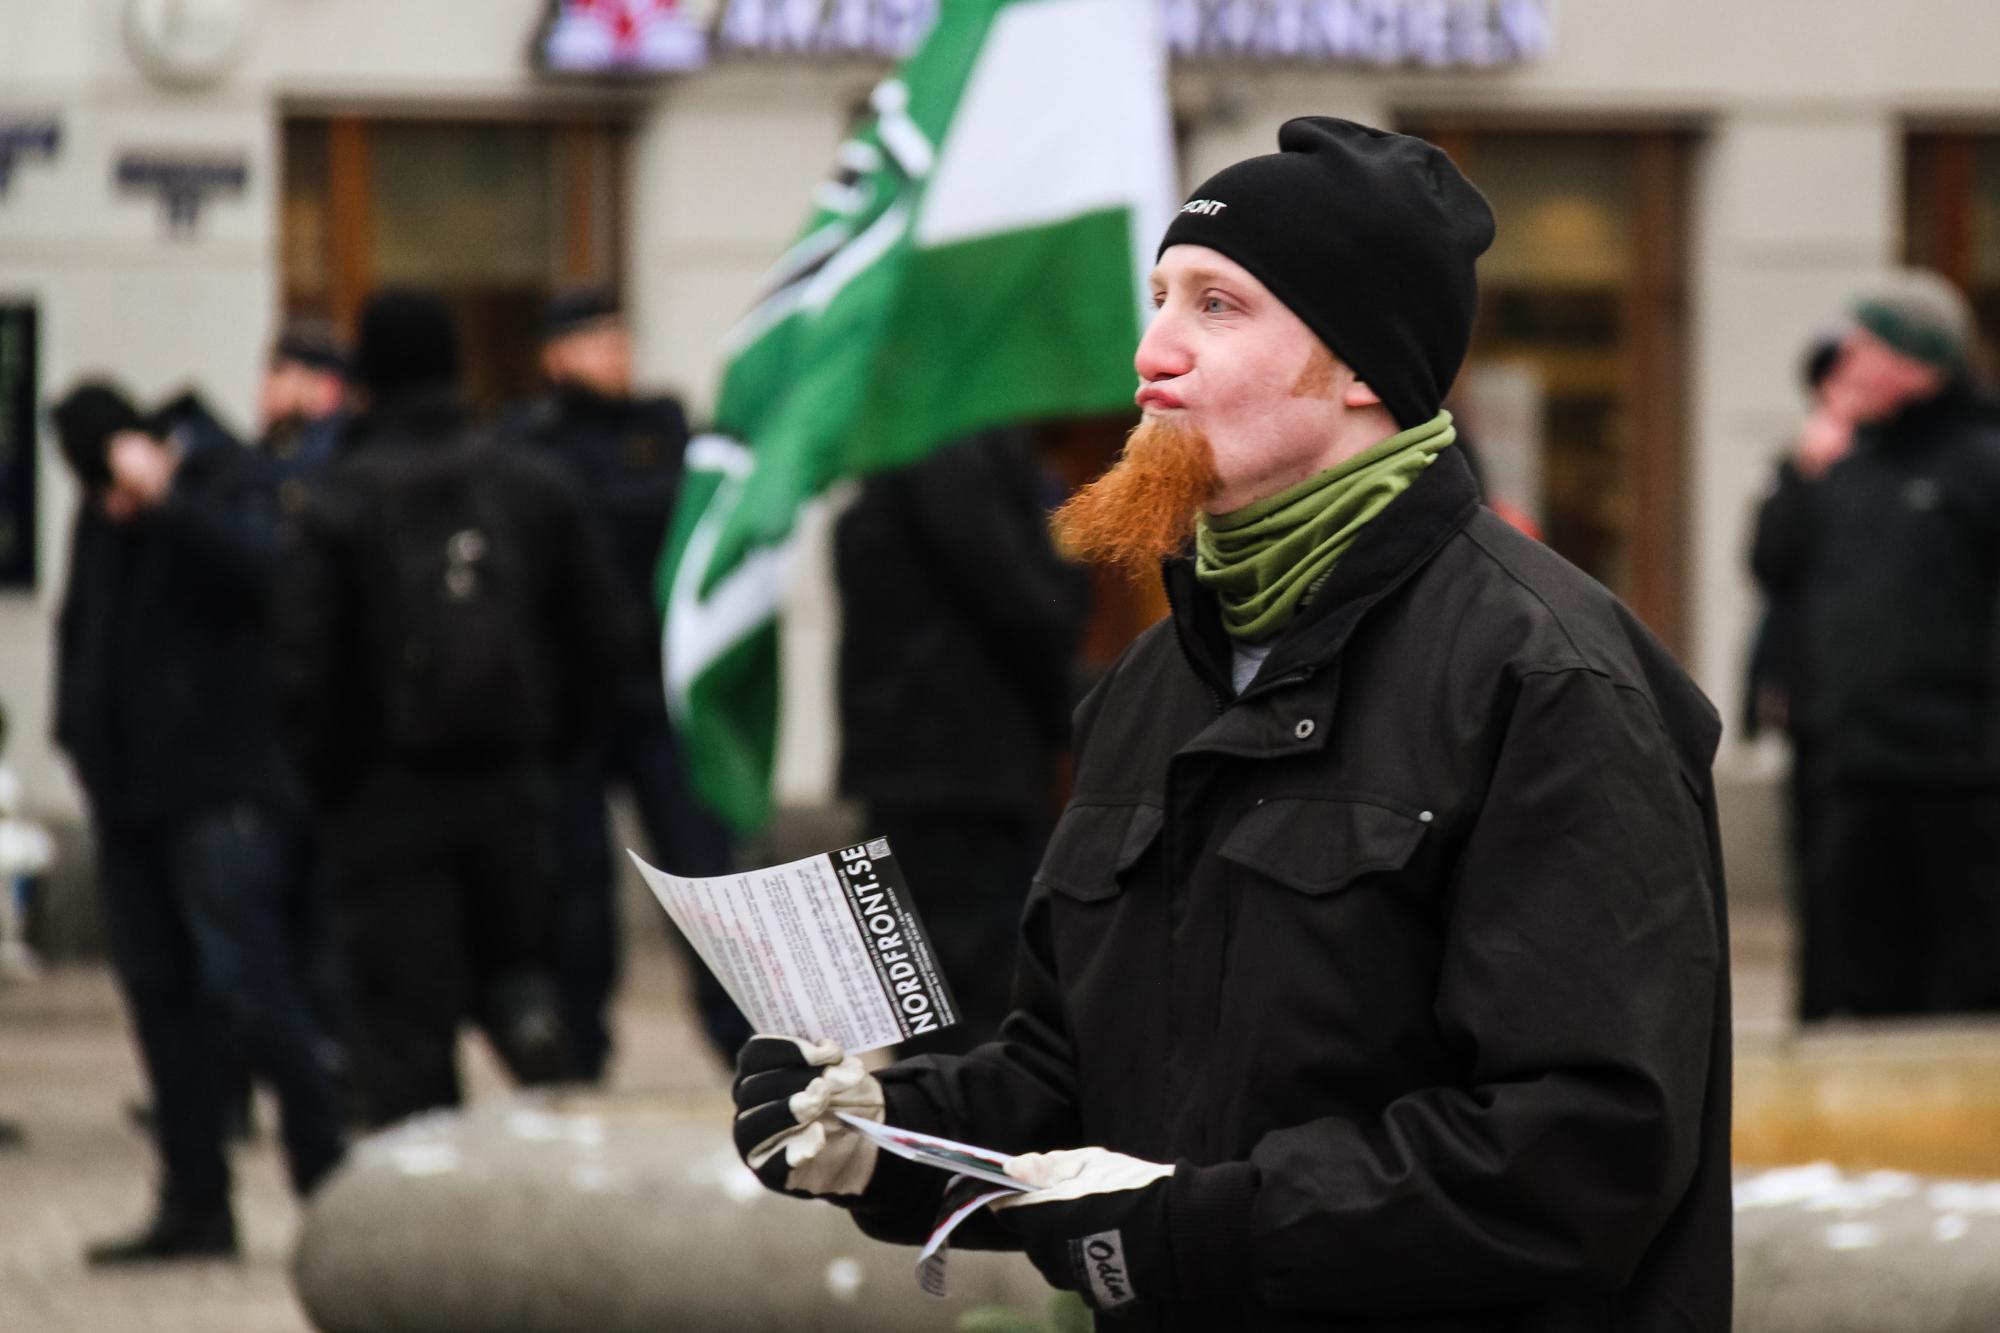 Göteborg er i dag en af de byer, hvor NMR er mest aktive. De har markeret sig offentligt i byen flere gange det seneste år og har en stor afdeling. Foto: Privat.